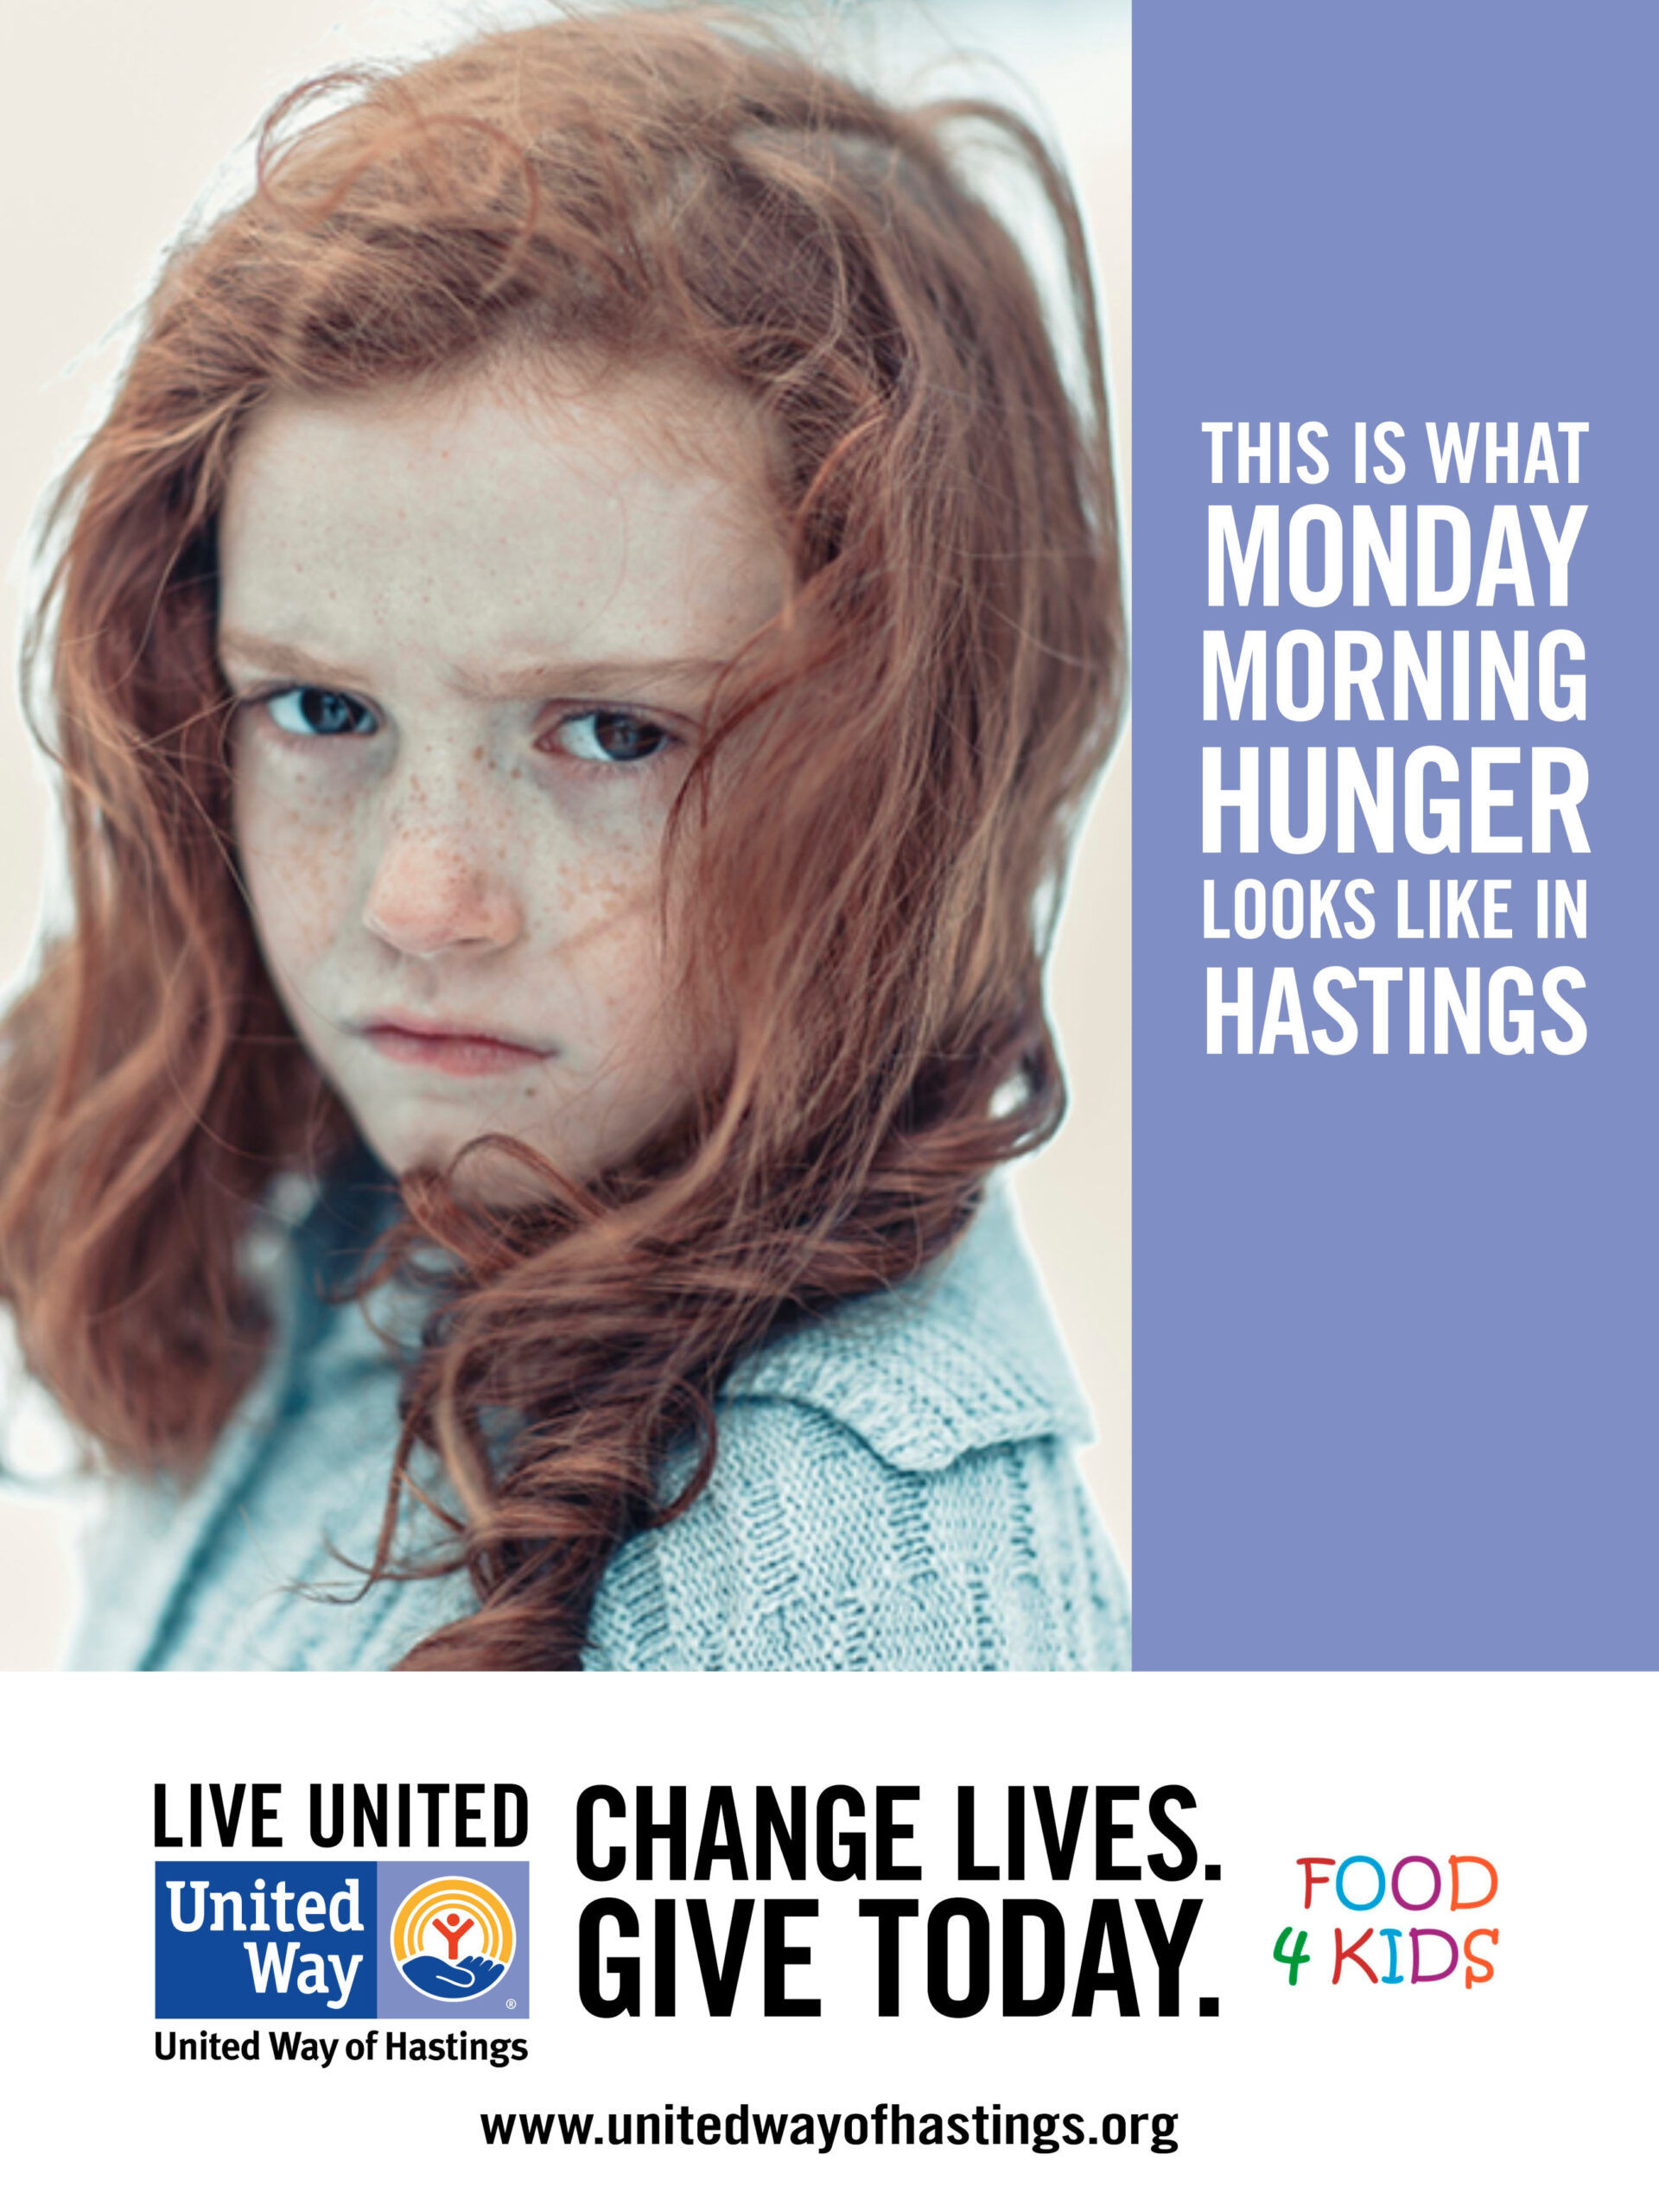 Food 4 Kids Impact Poster